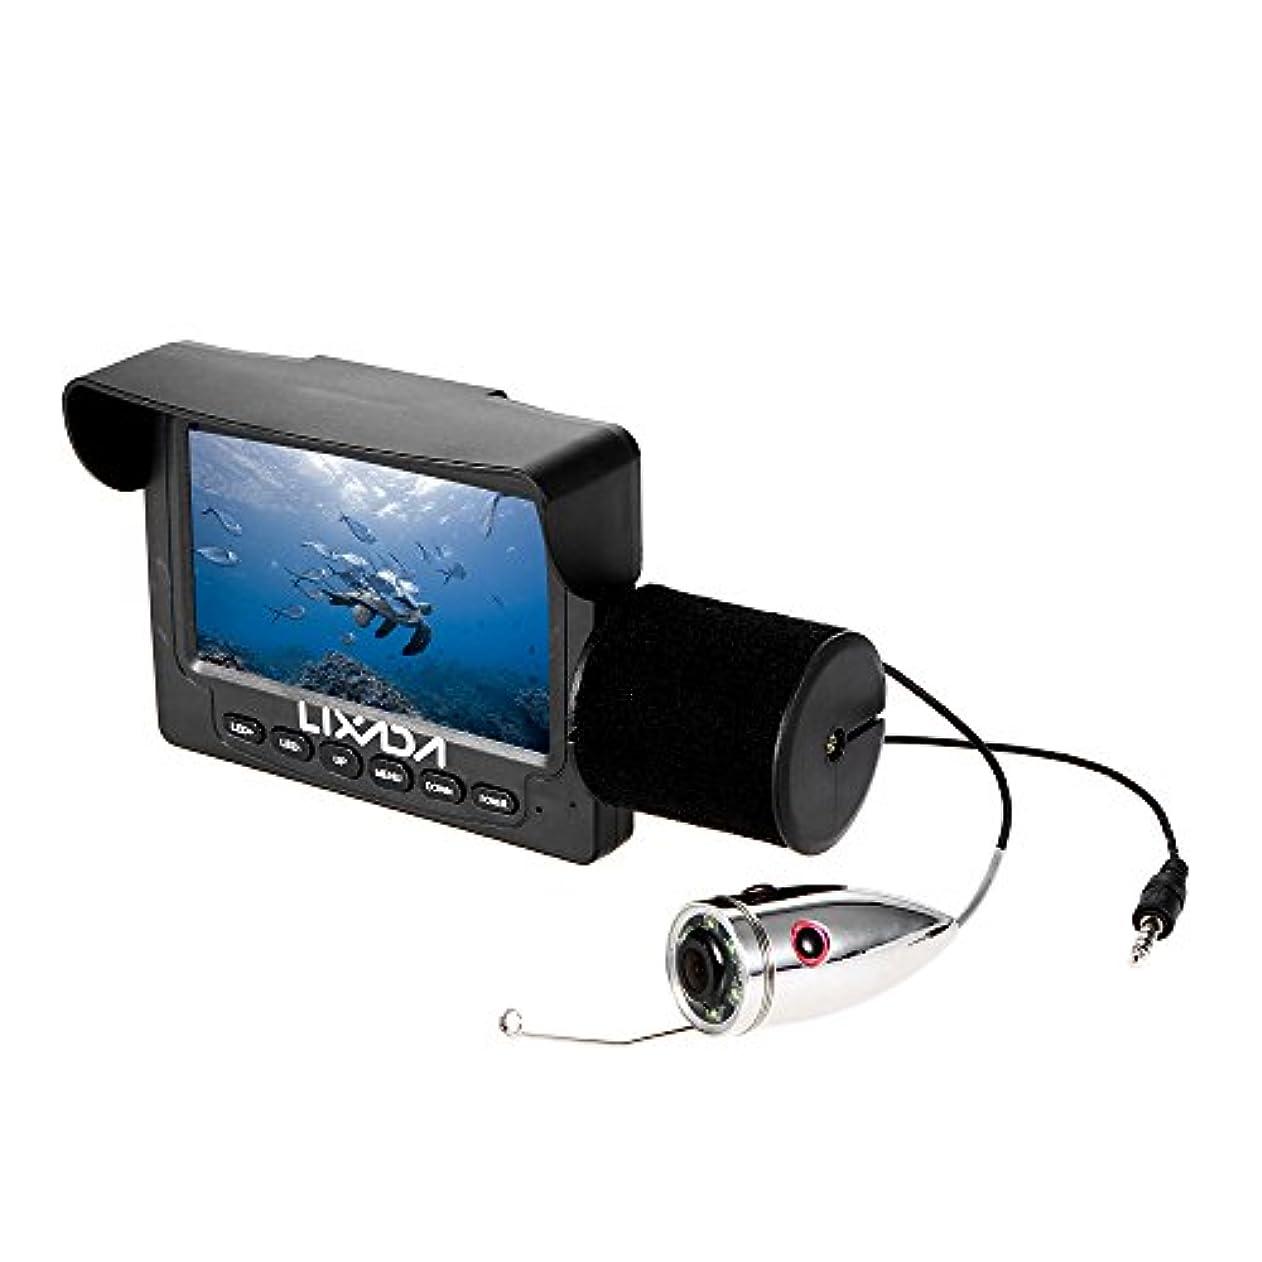 インサート広告する不安定Lixada 1000TVL 4.3インチ液晶モニター魚水中LEDナイトビジョンカメラ165°広角15M海釣りケーブル